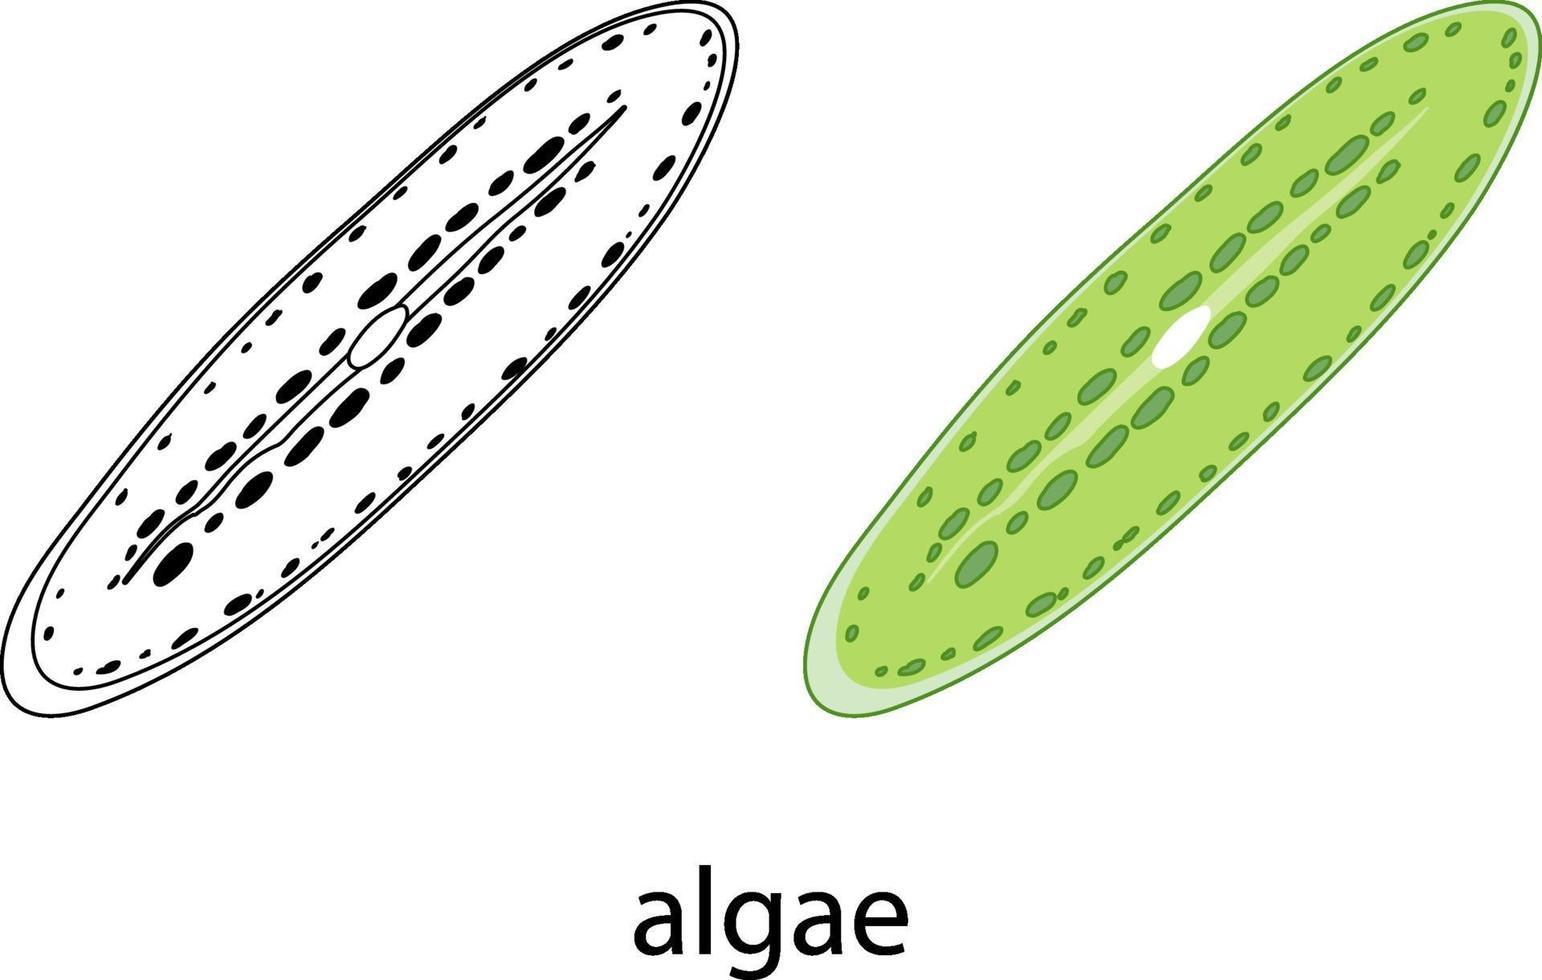 alger i färg och klotter på vit bakgrund vektor